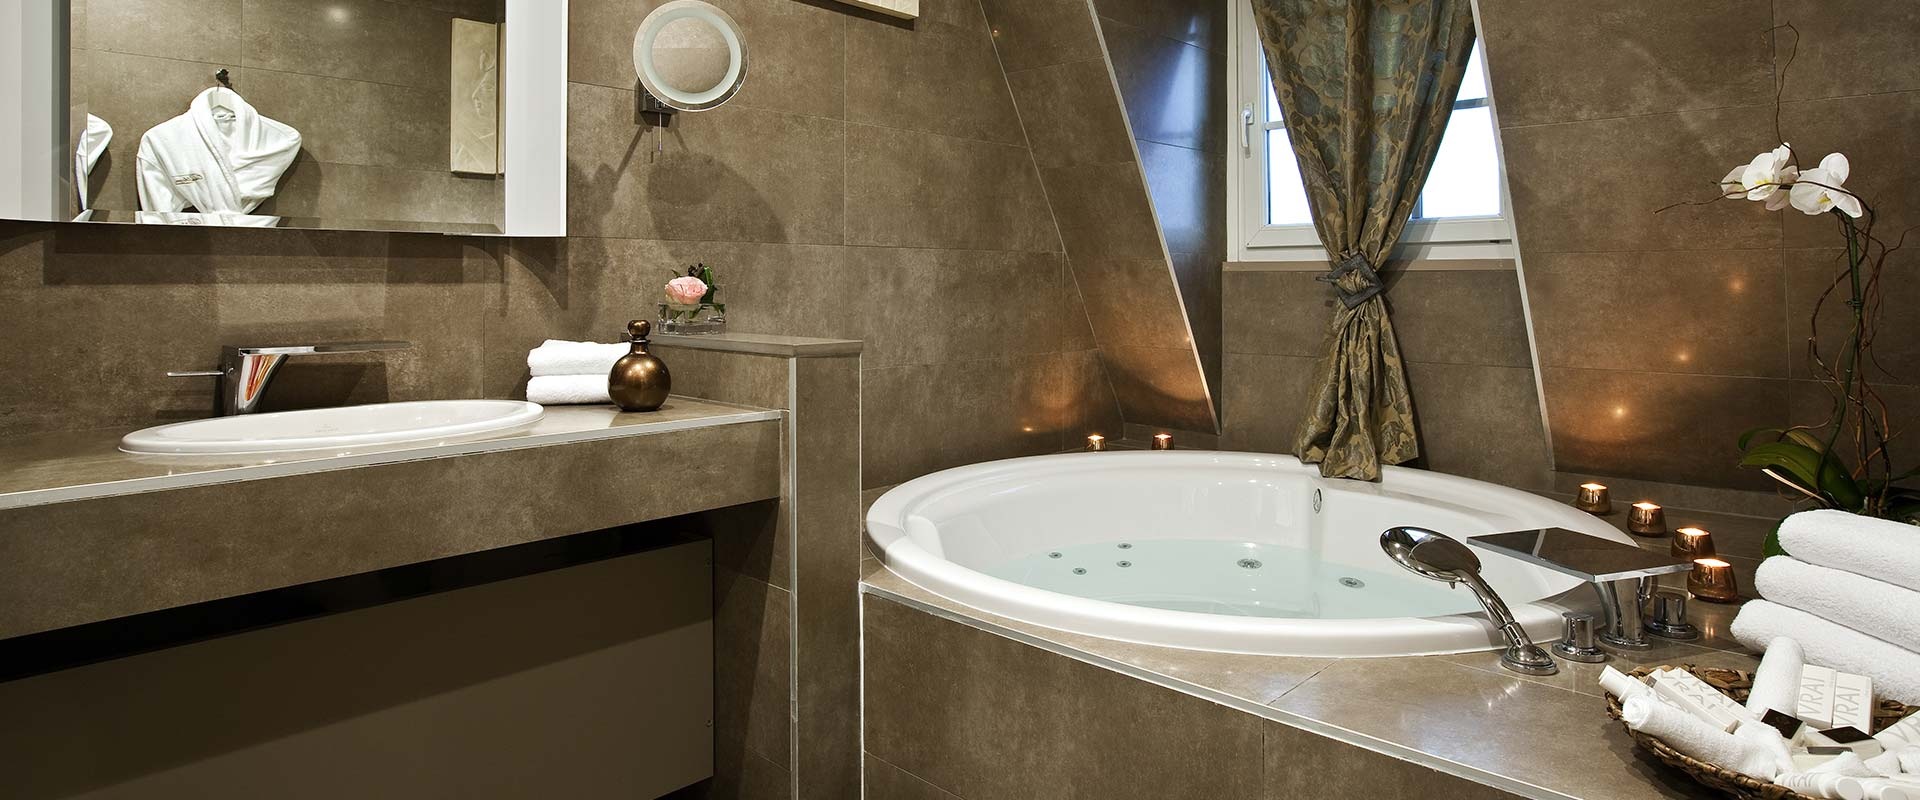 salle-de-bain-prestige